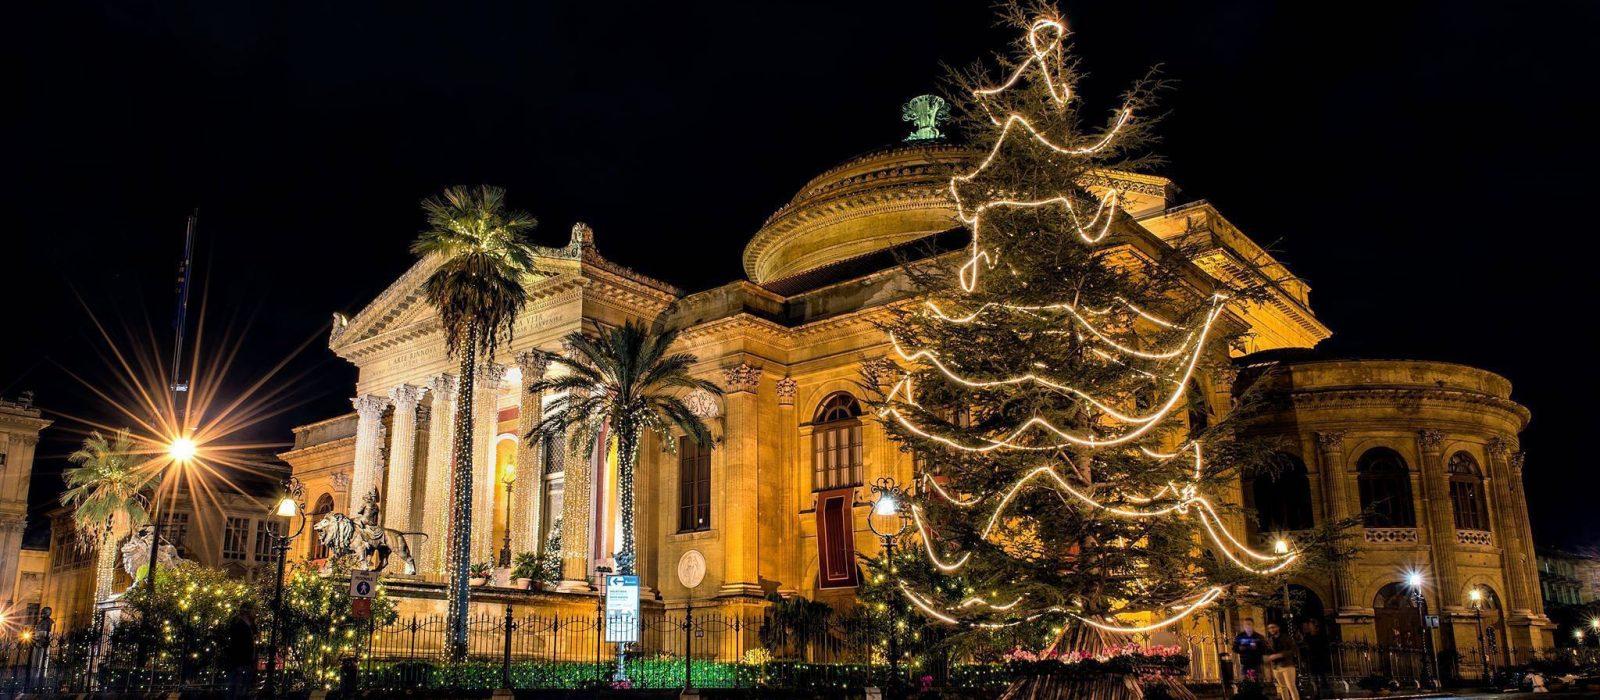 http://www.sicilying.com/blog/wp-content/uploads/2016/12/Natale-Palermo-2016-1600x700_1.jpg